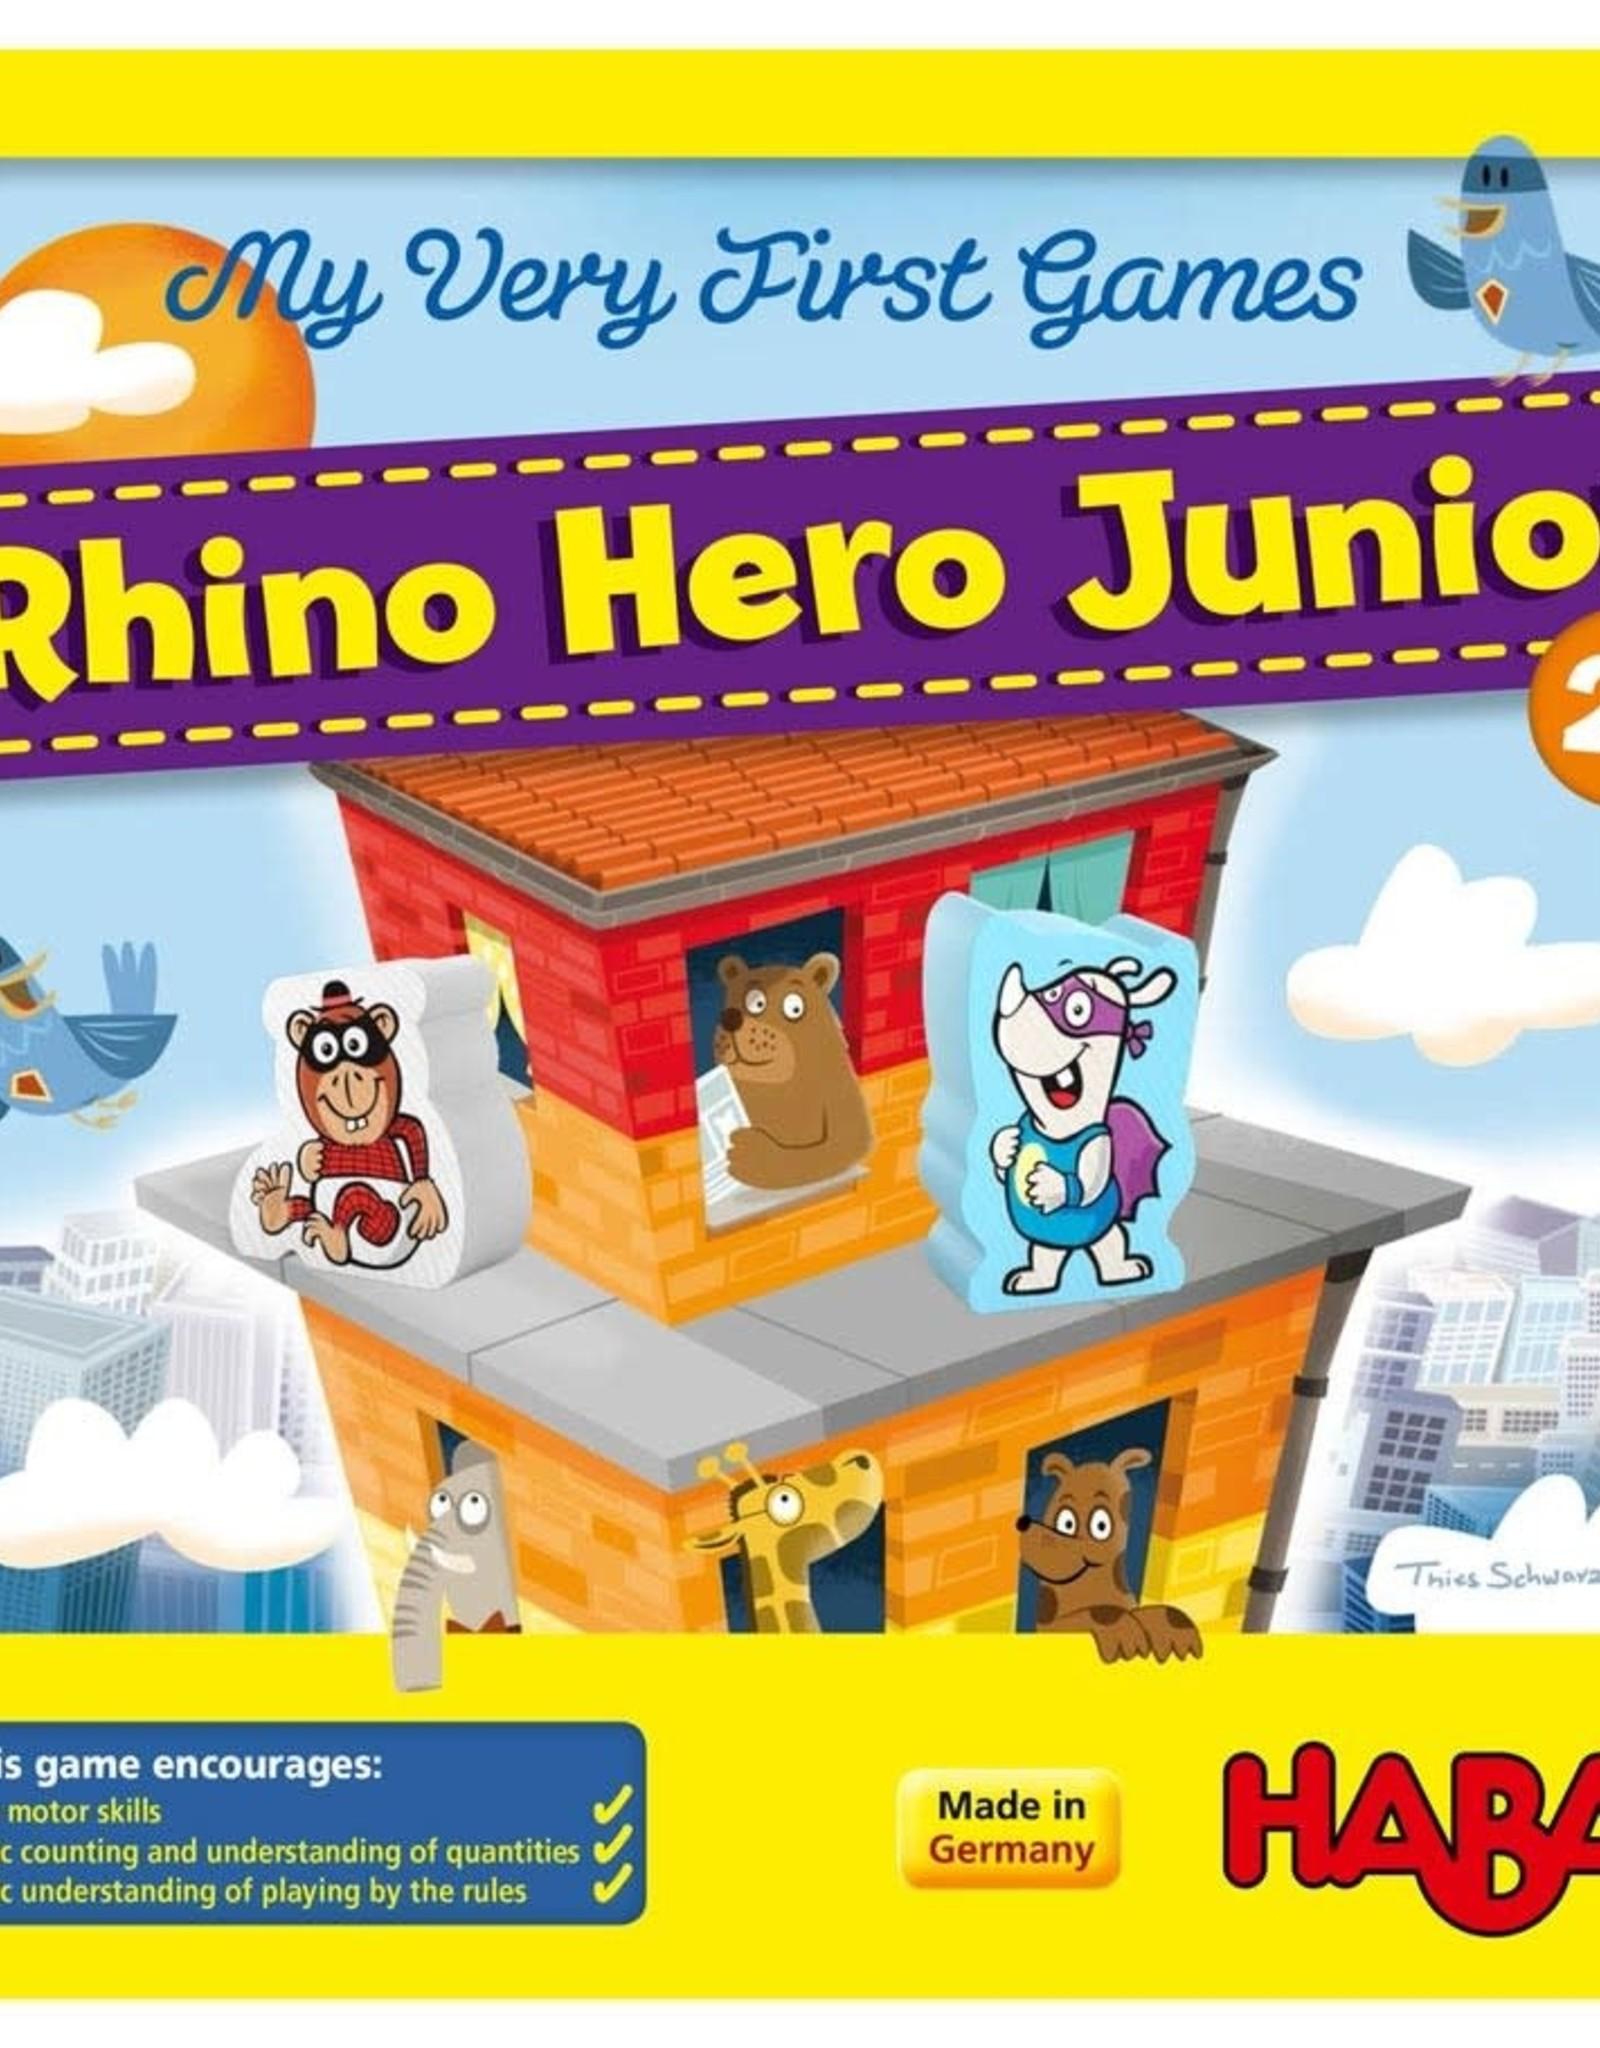 MVFG: Rhino Hero Junior